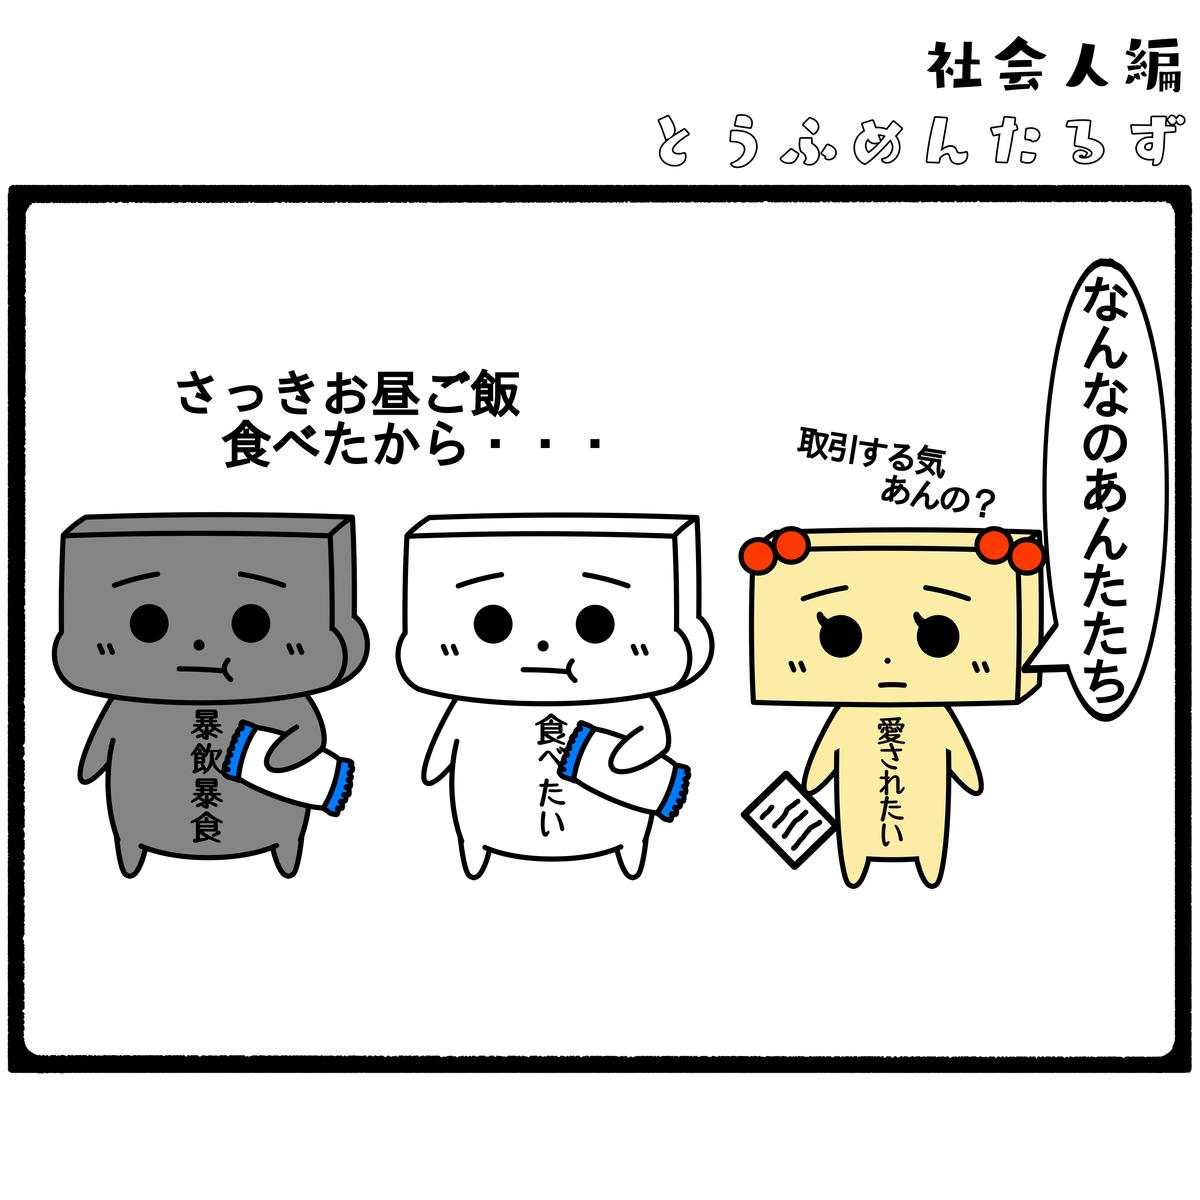 とうふめんたるず 豆腐メンタル 日常 4コマ漫画 会議